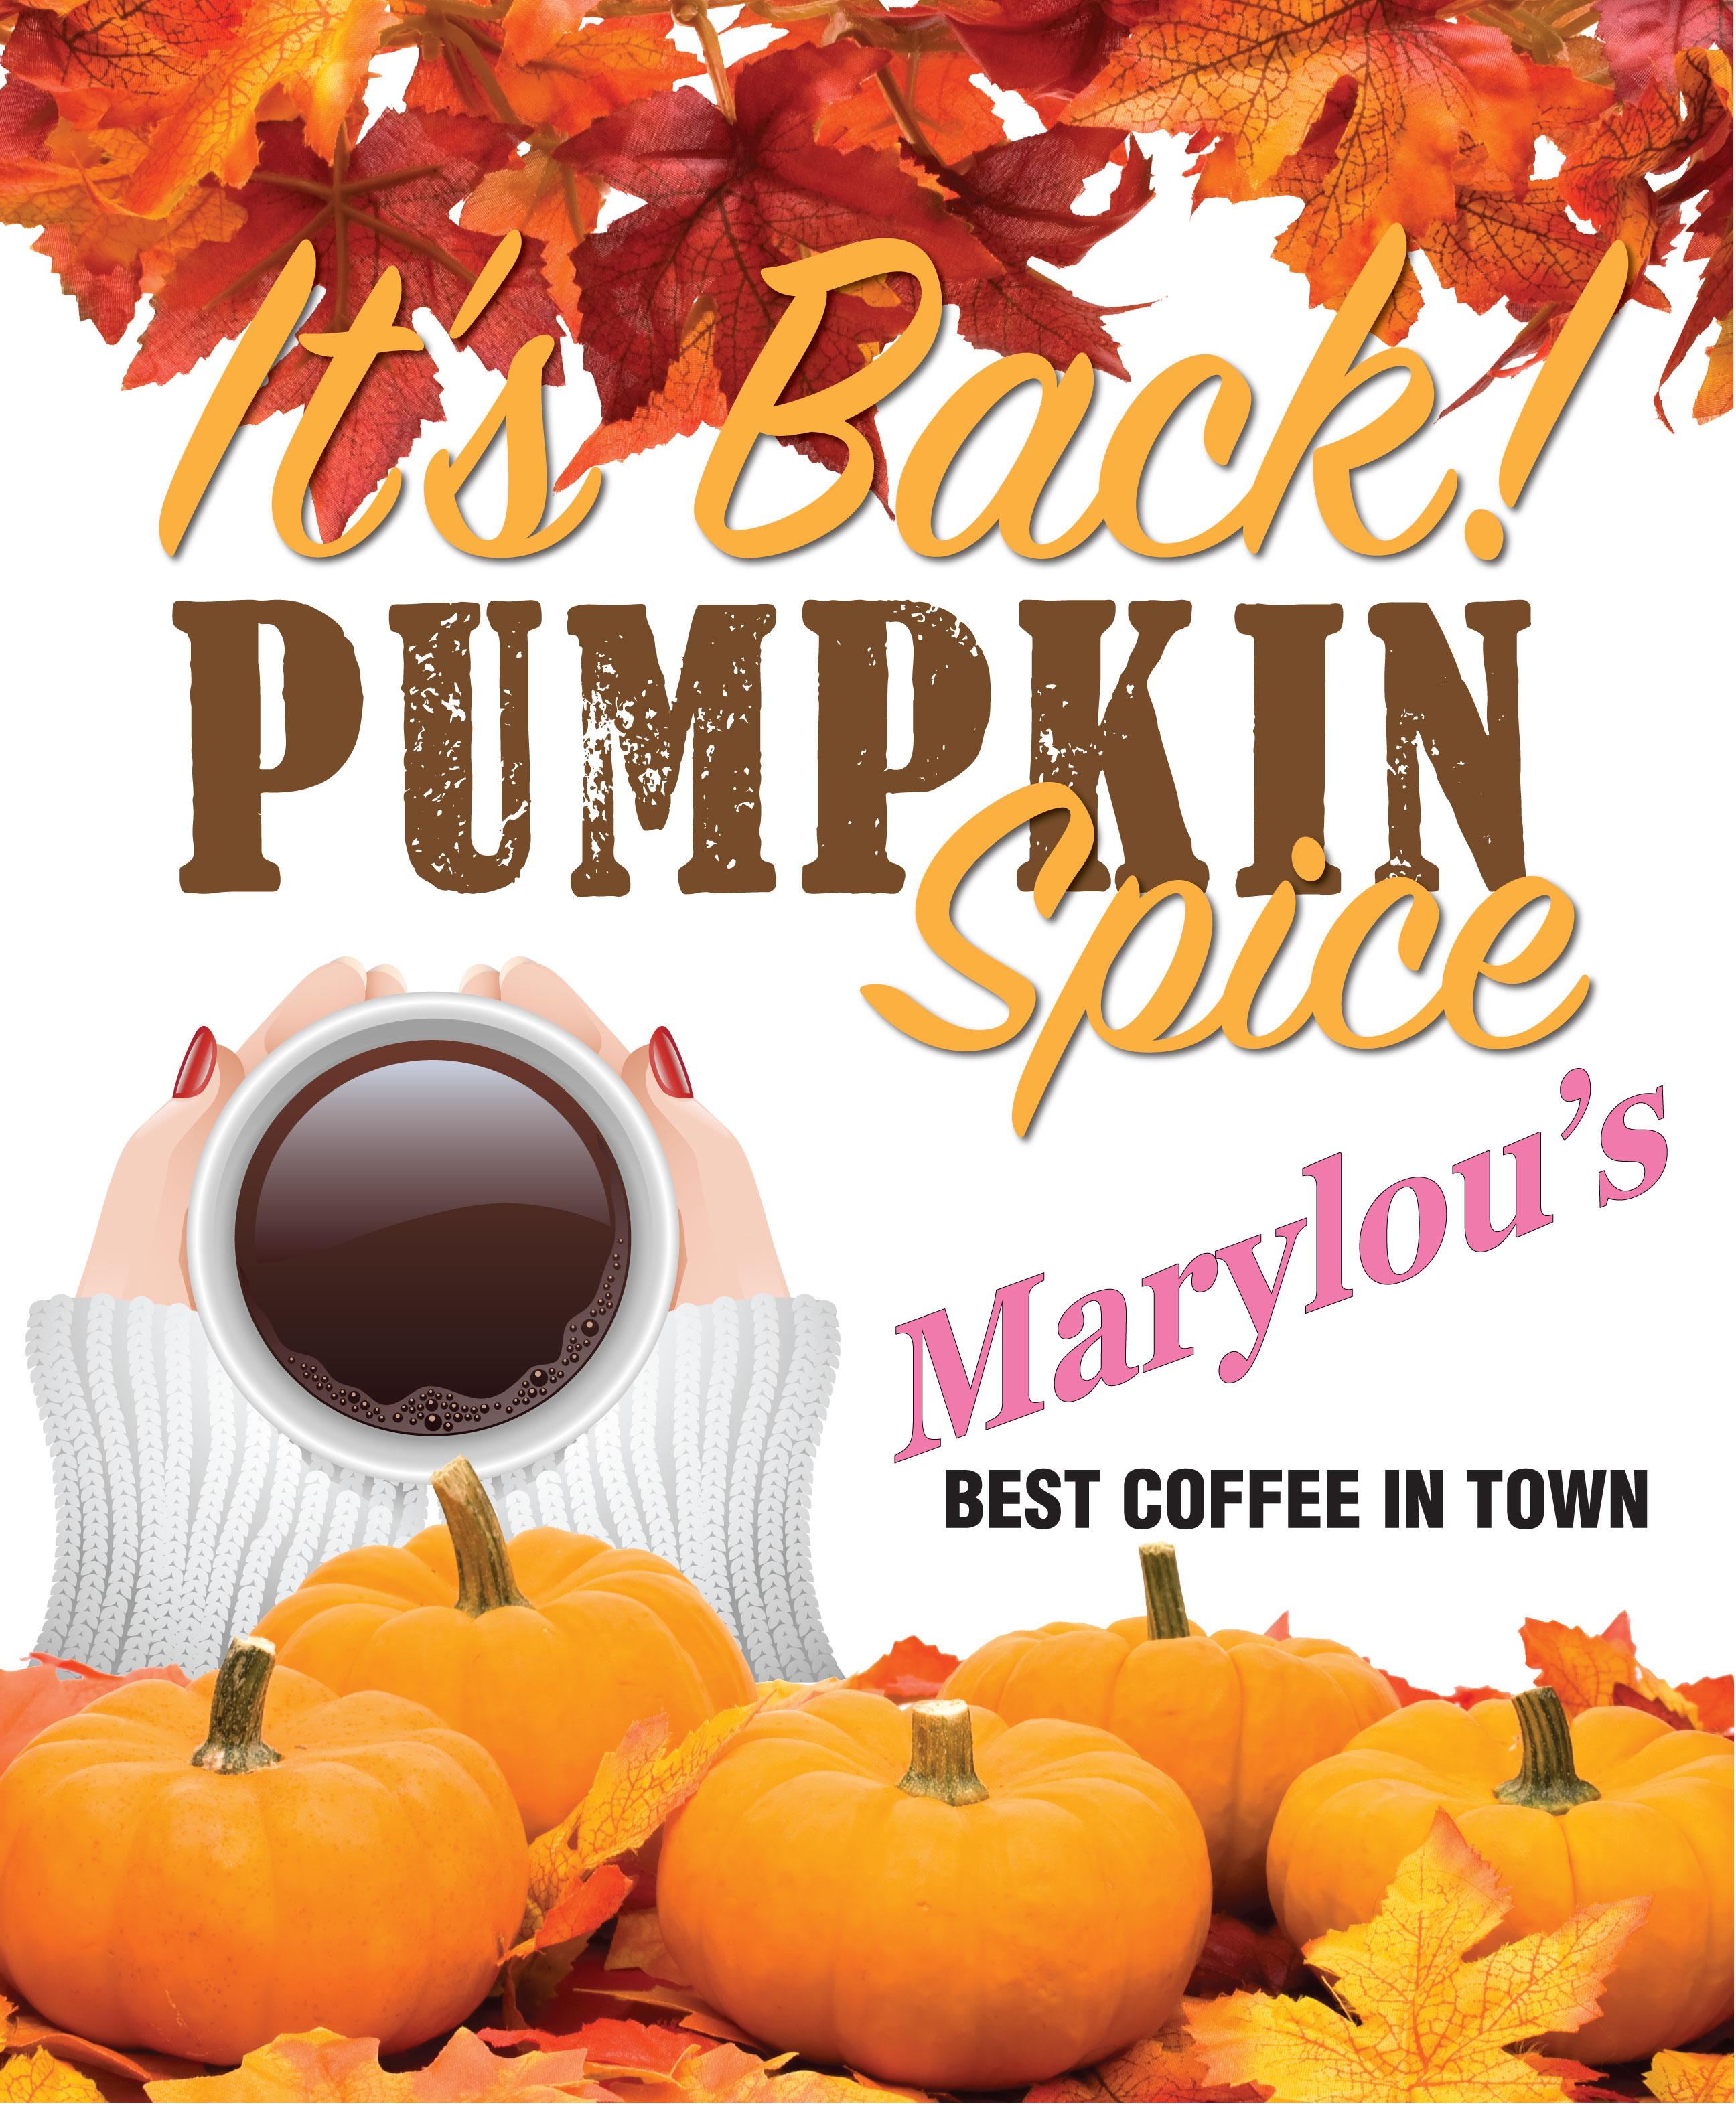 Pumpkin Spice is Back!